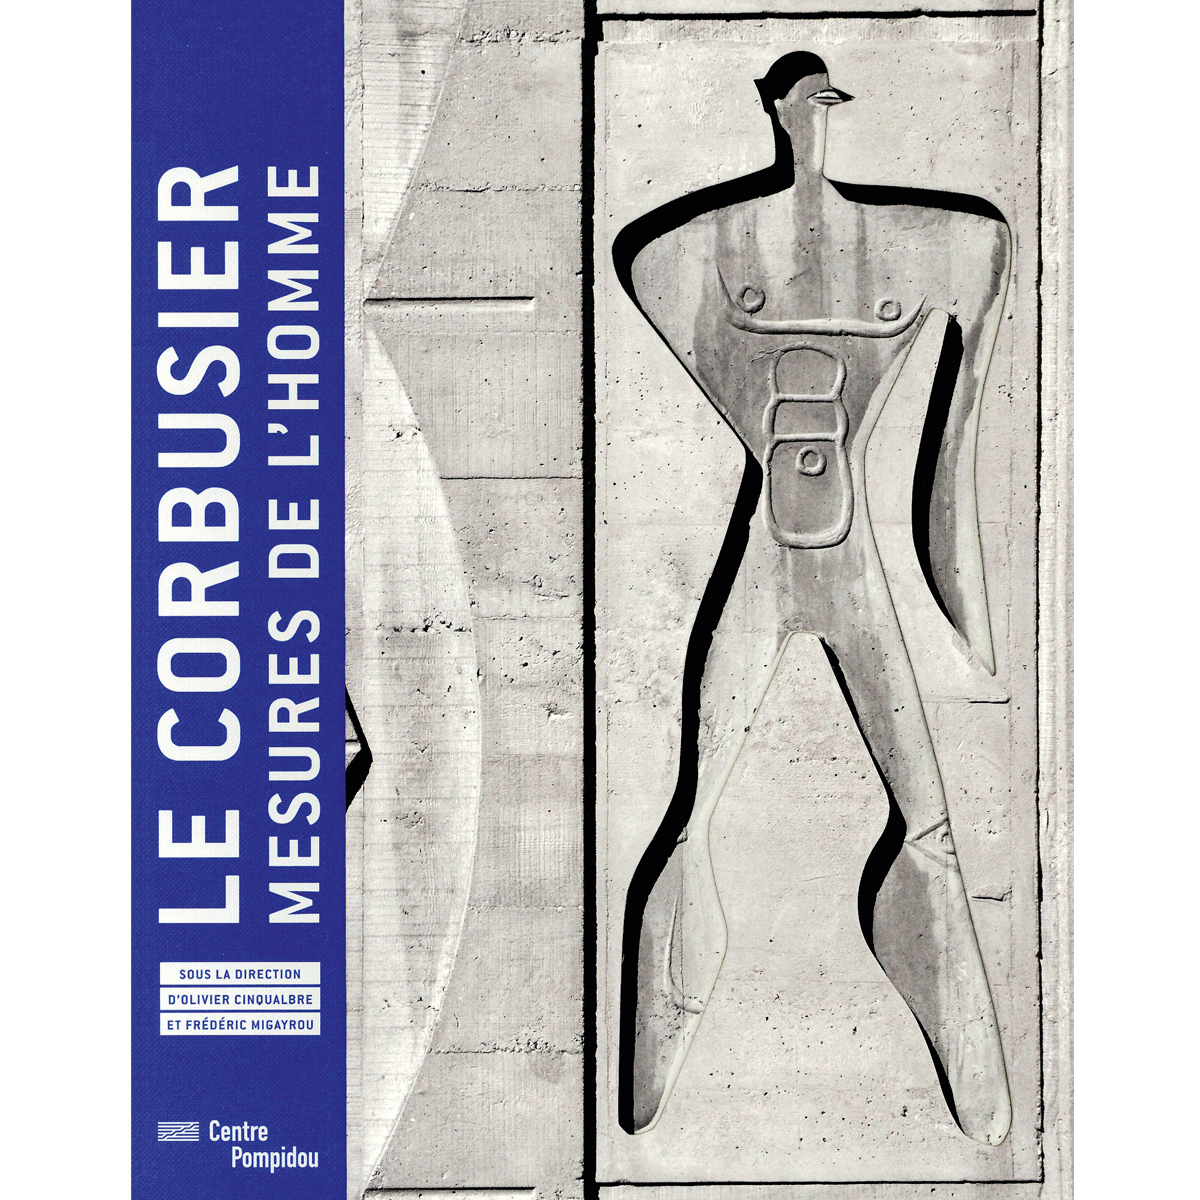 Le Corbusier, Mesures de l'homme